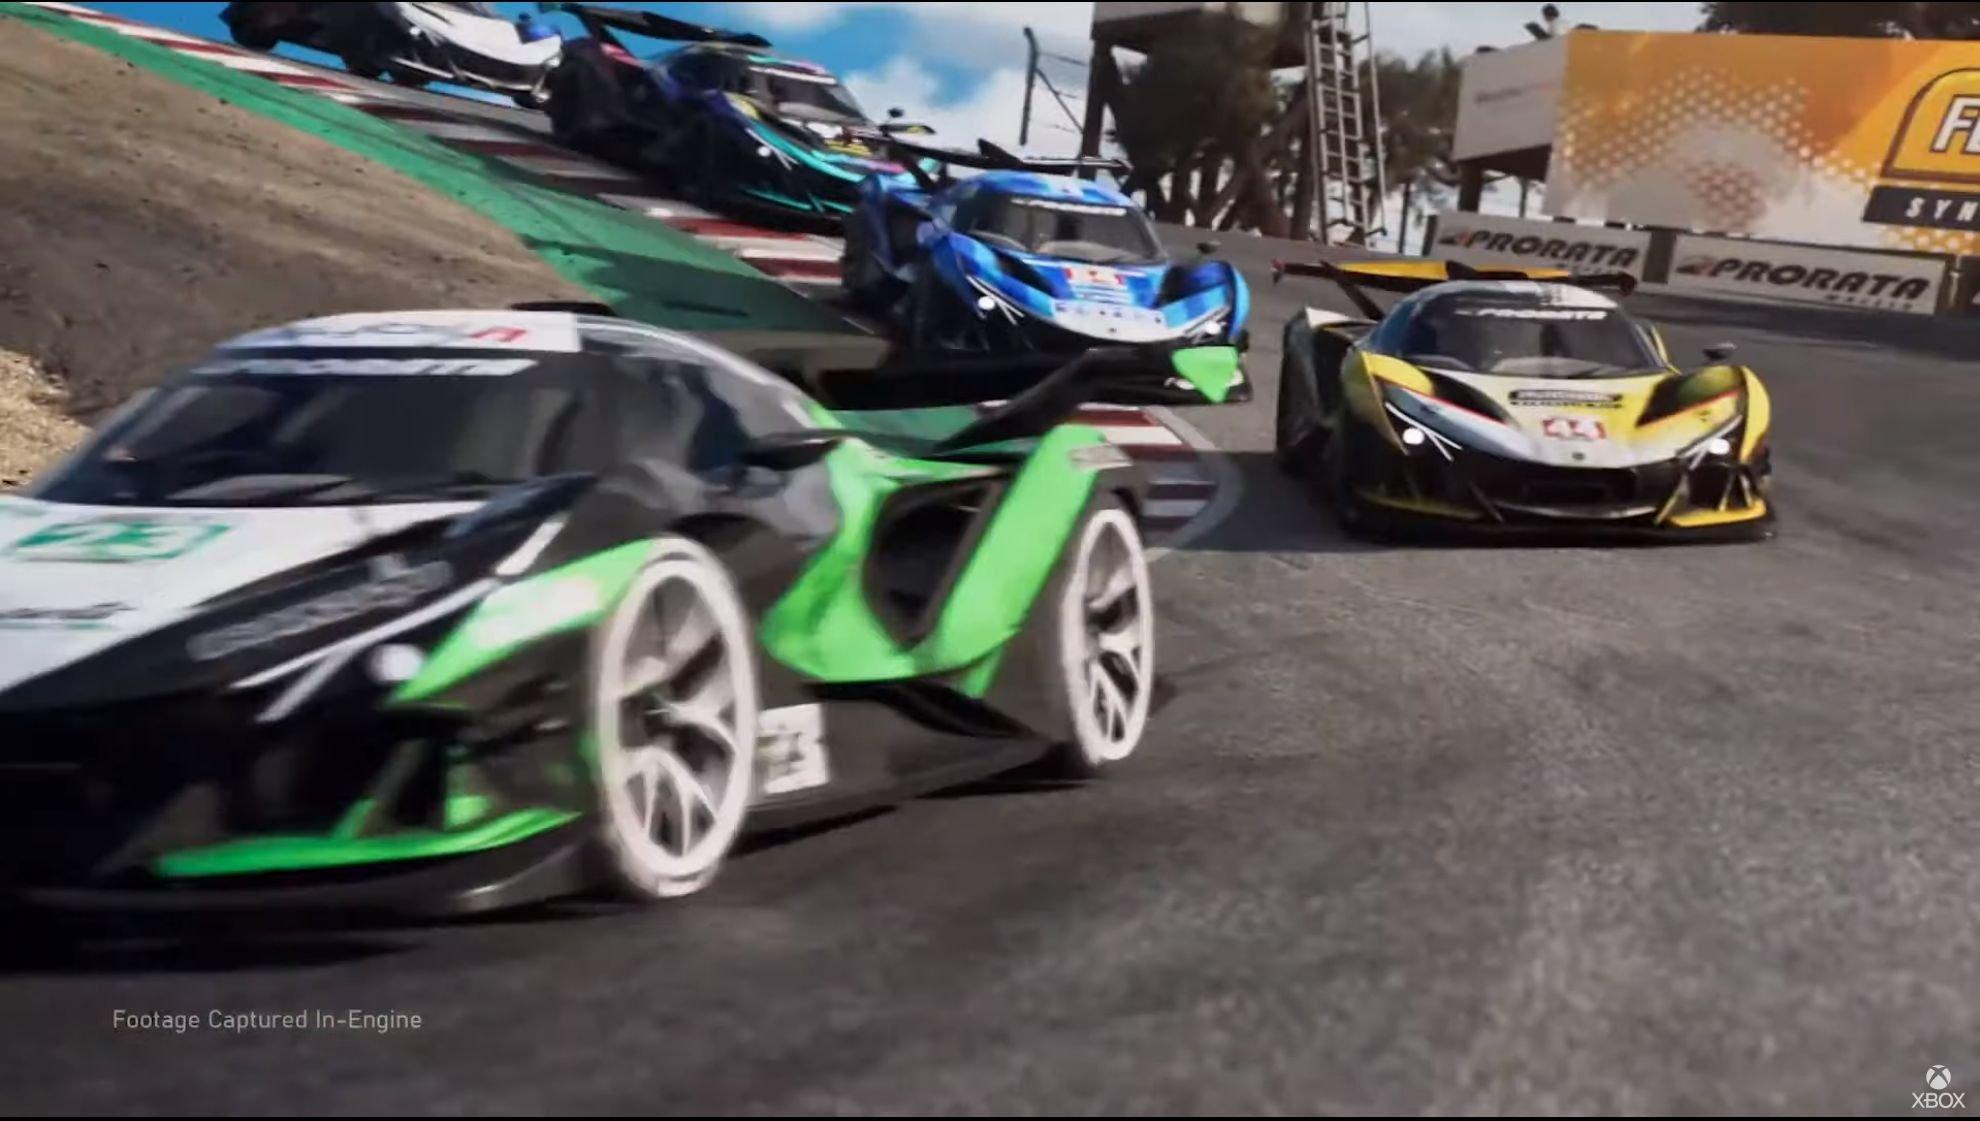 今年は発表が見送られた「Forza Motorsport」。2年ペースで新作をリリースしてきた「Forza Motorsport」シリーズだが、2017年の「7」以来、4年以上間が空くことになる